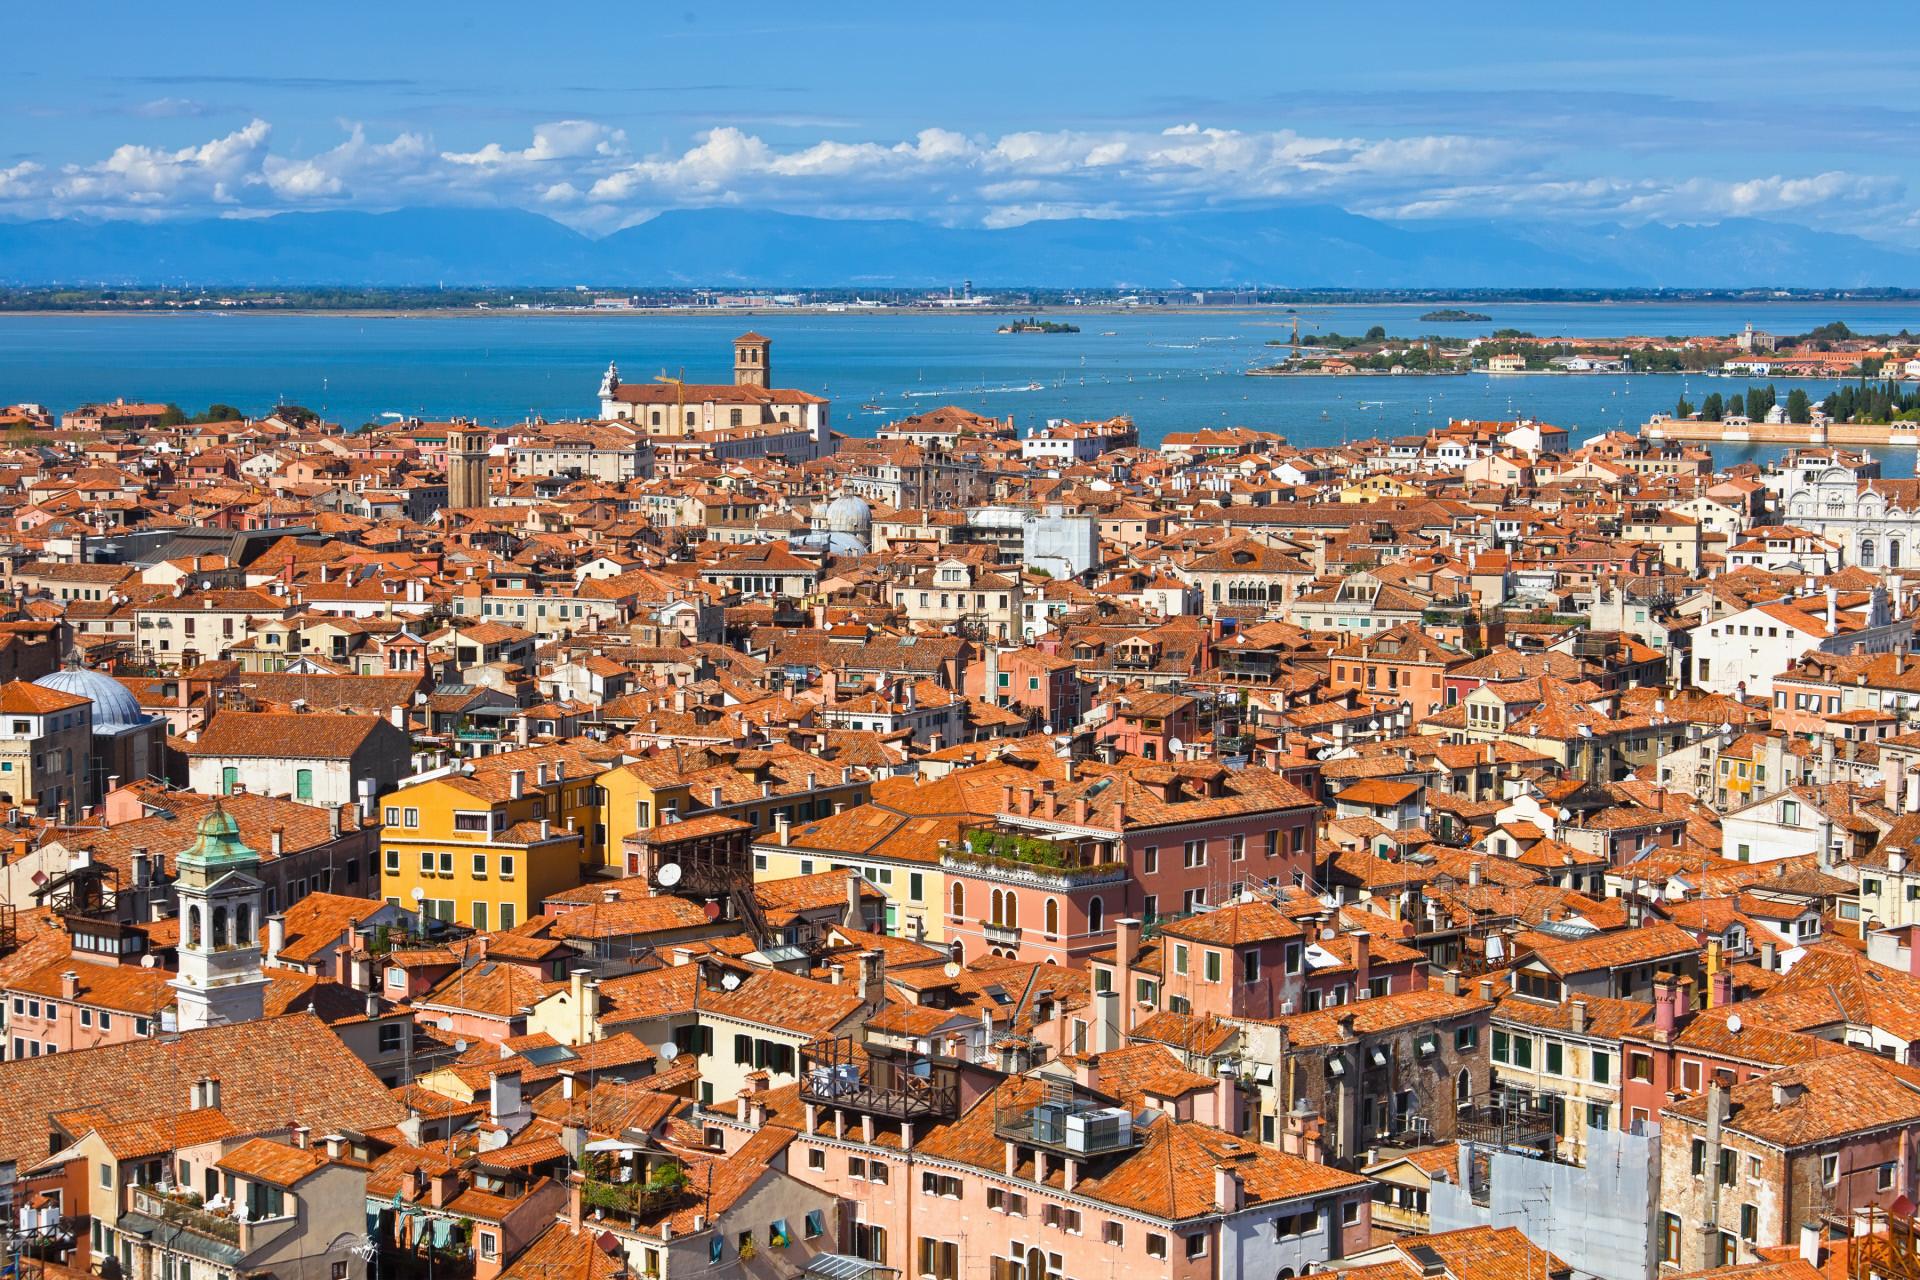 Agenzie Immobiliari Trento Città mercato immobiliare 2020, le previsioni degli esperti